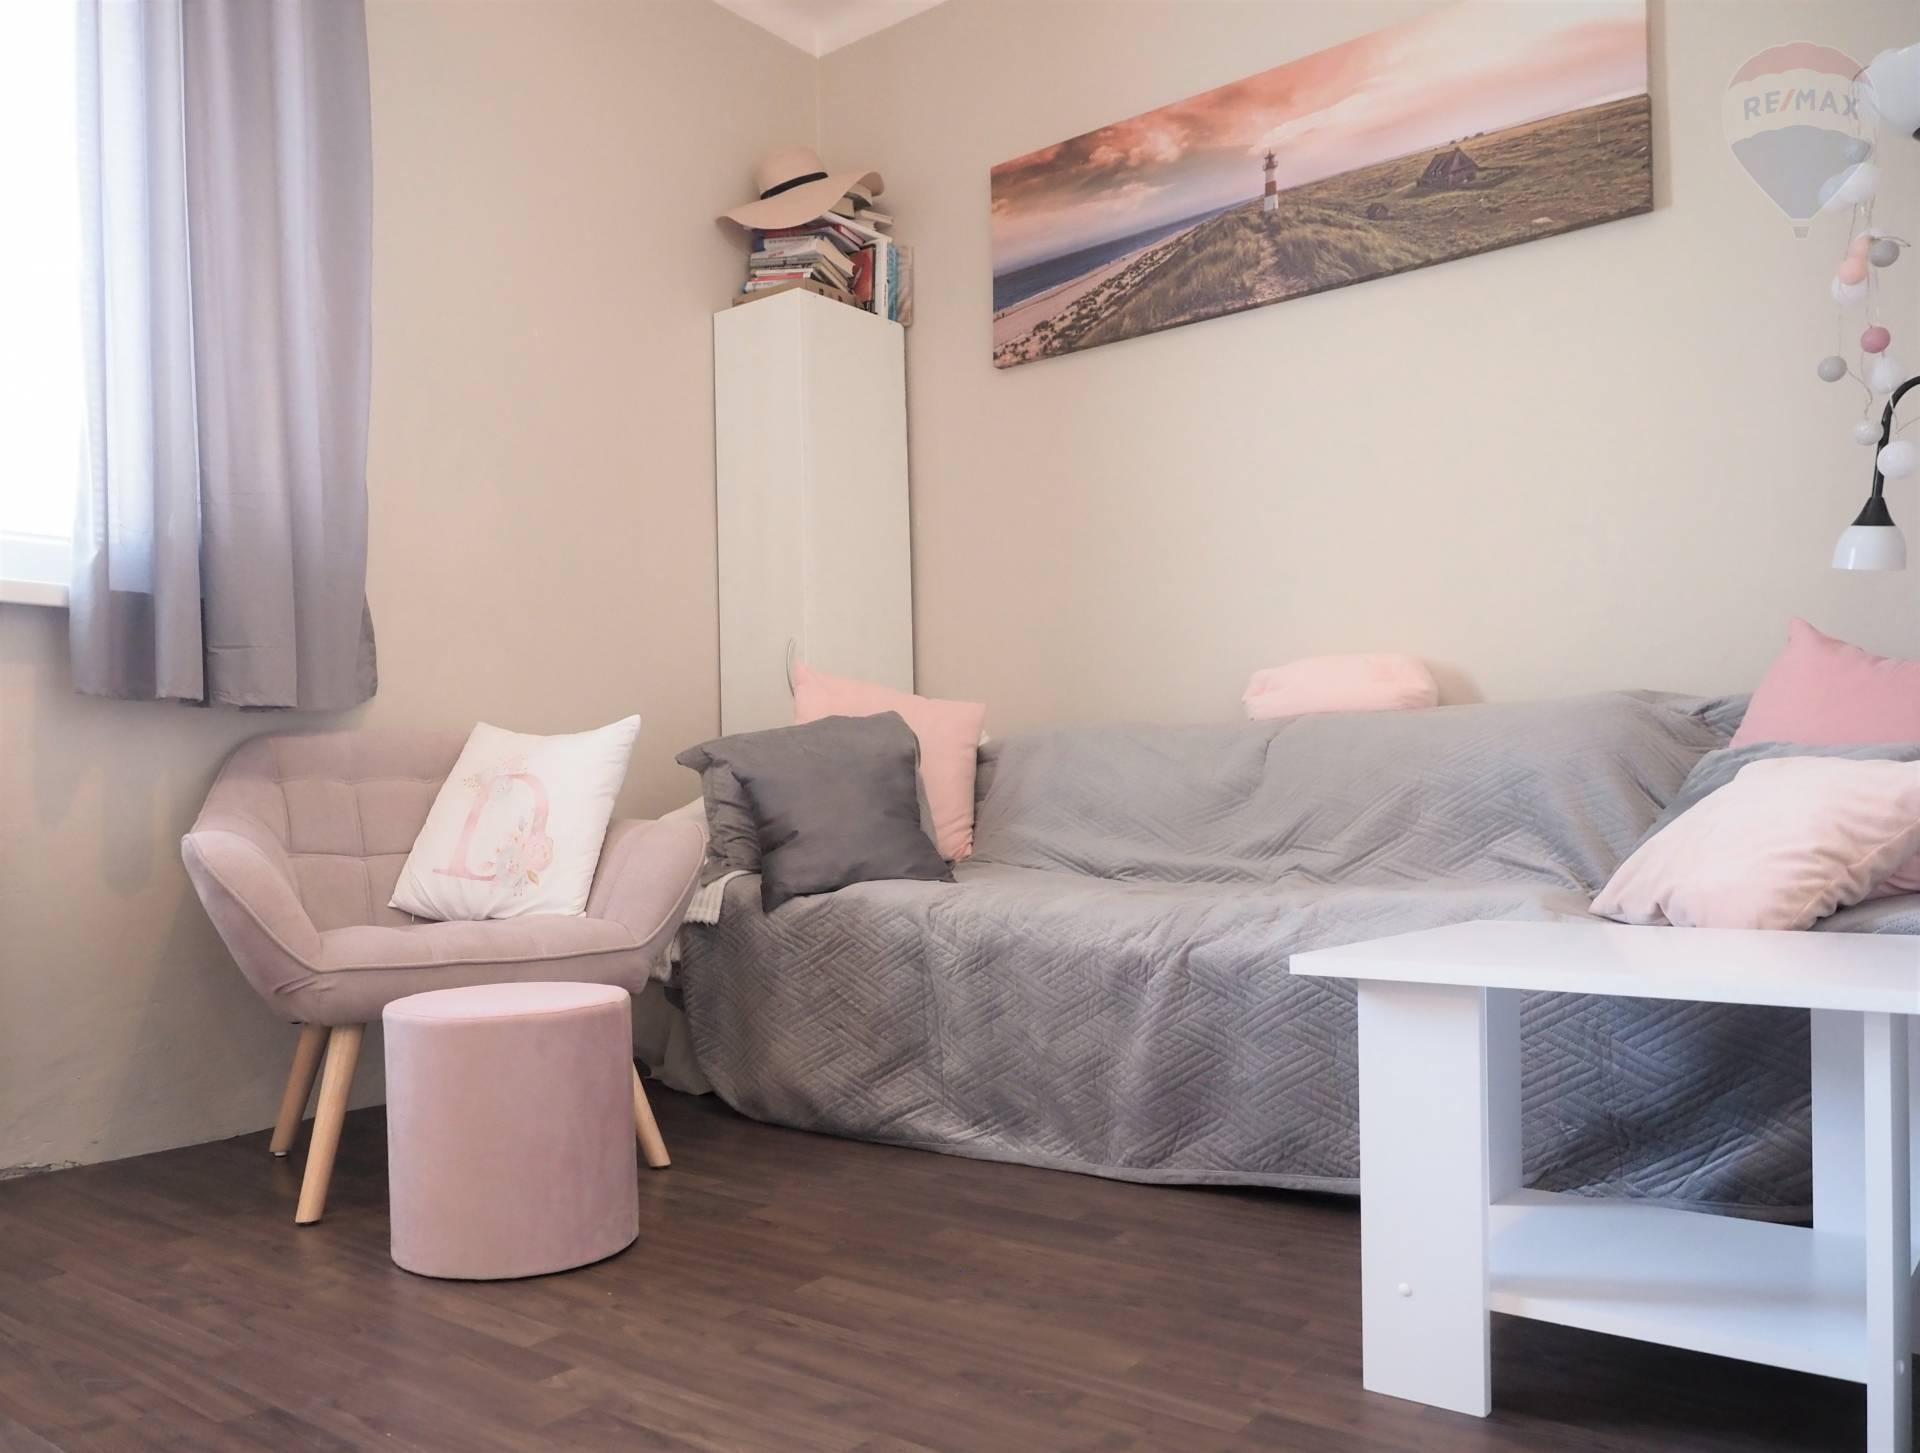 Predaj menšieho 1 izb. tehlového bytu vo vynikajúcej lokalite, Športová ulica